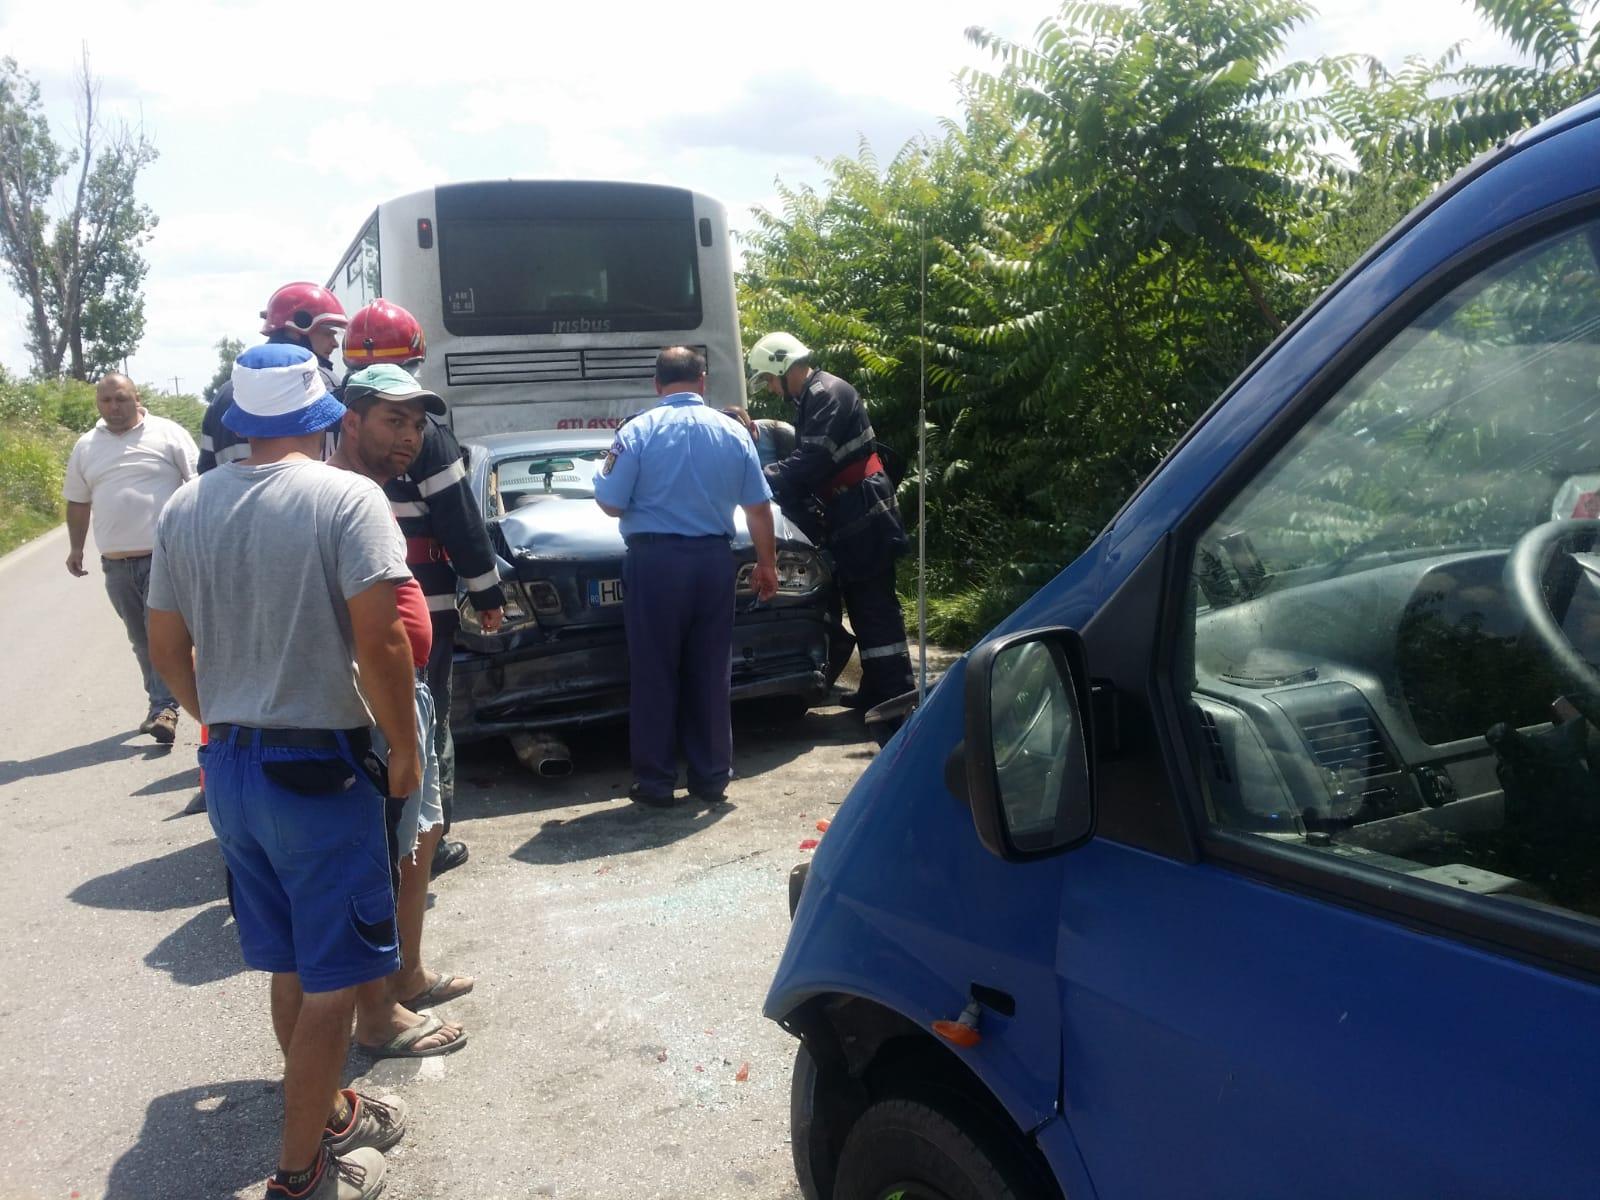 Panică în autobuz, zeci de persoane transferate în urma unui accident